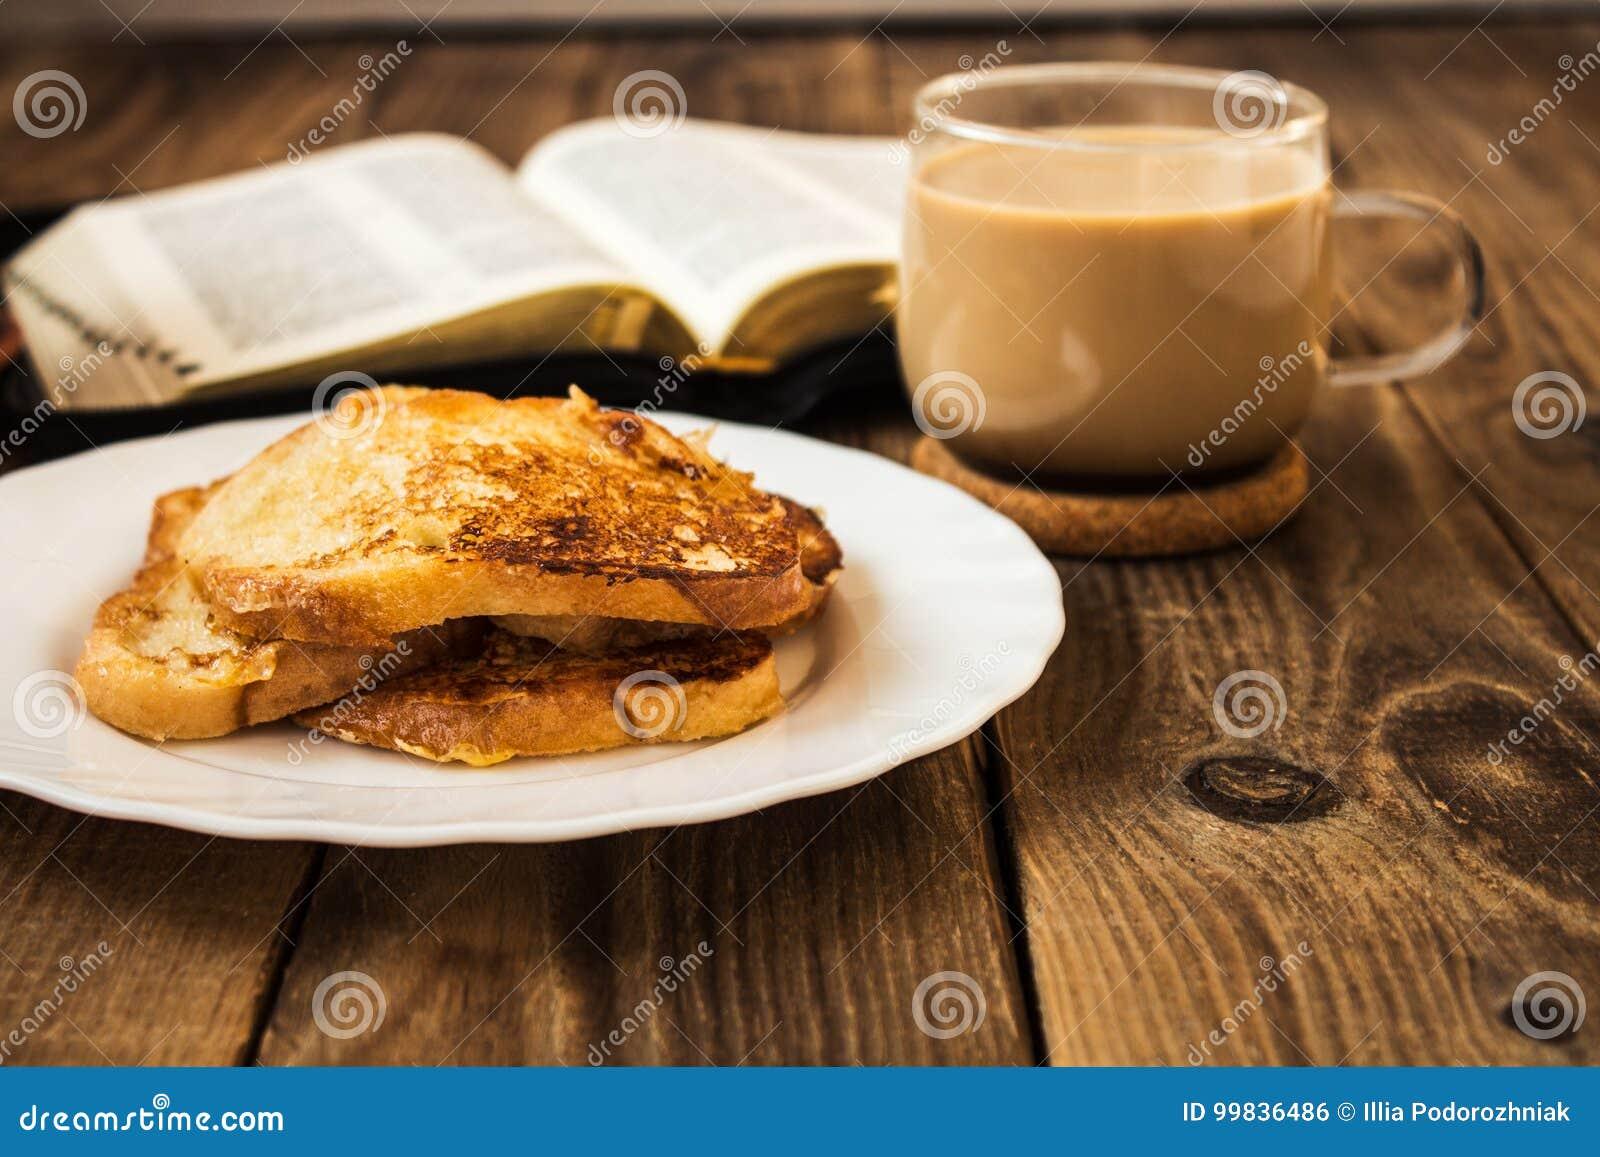 Bibel- und Kaffeefrühstück mit Toast